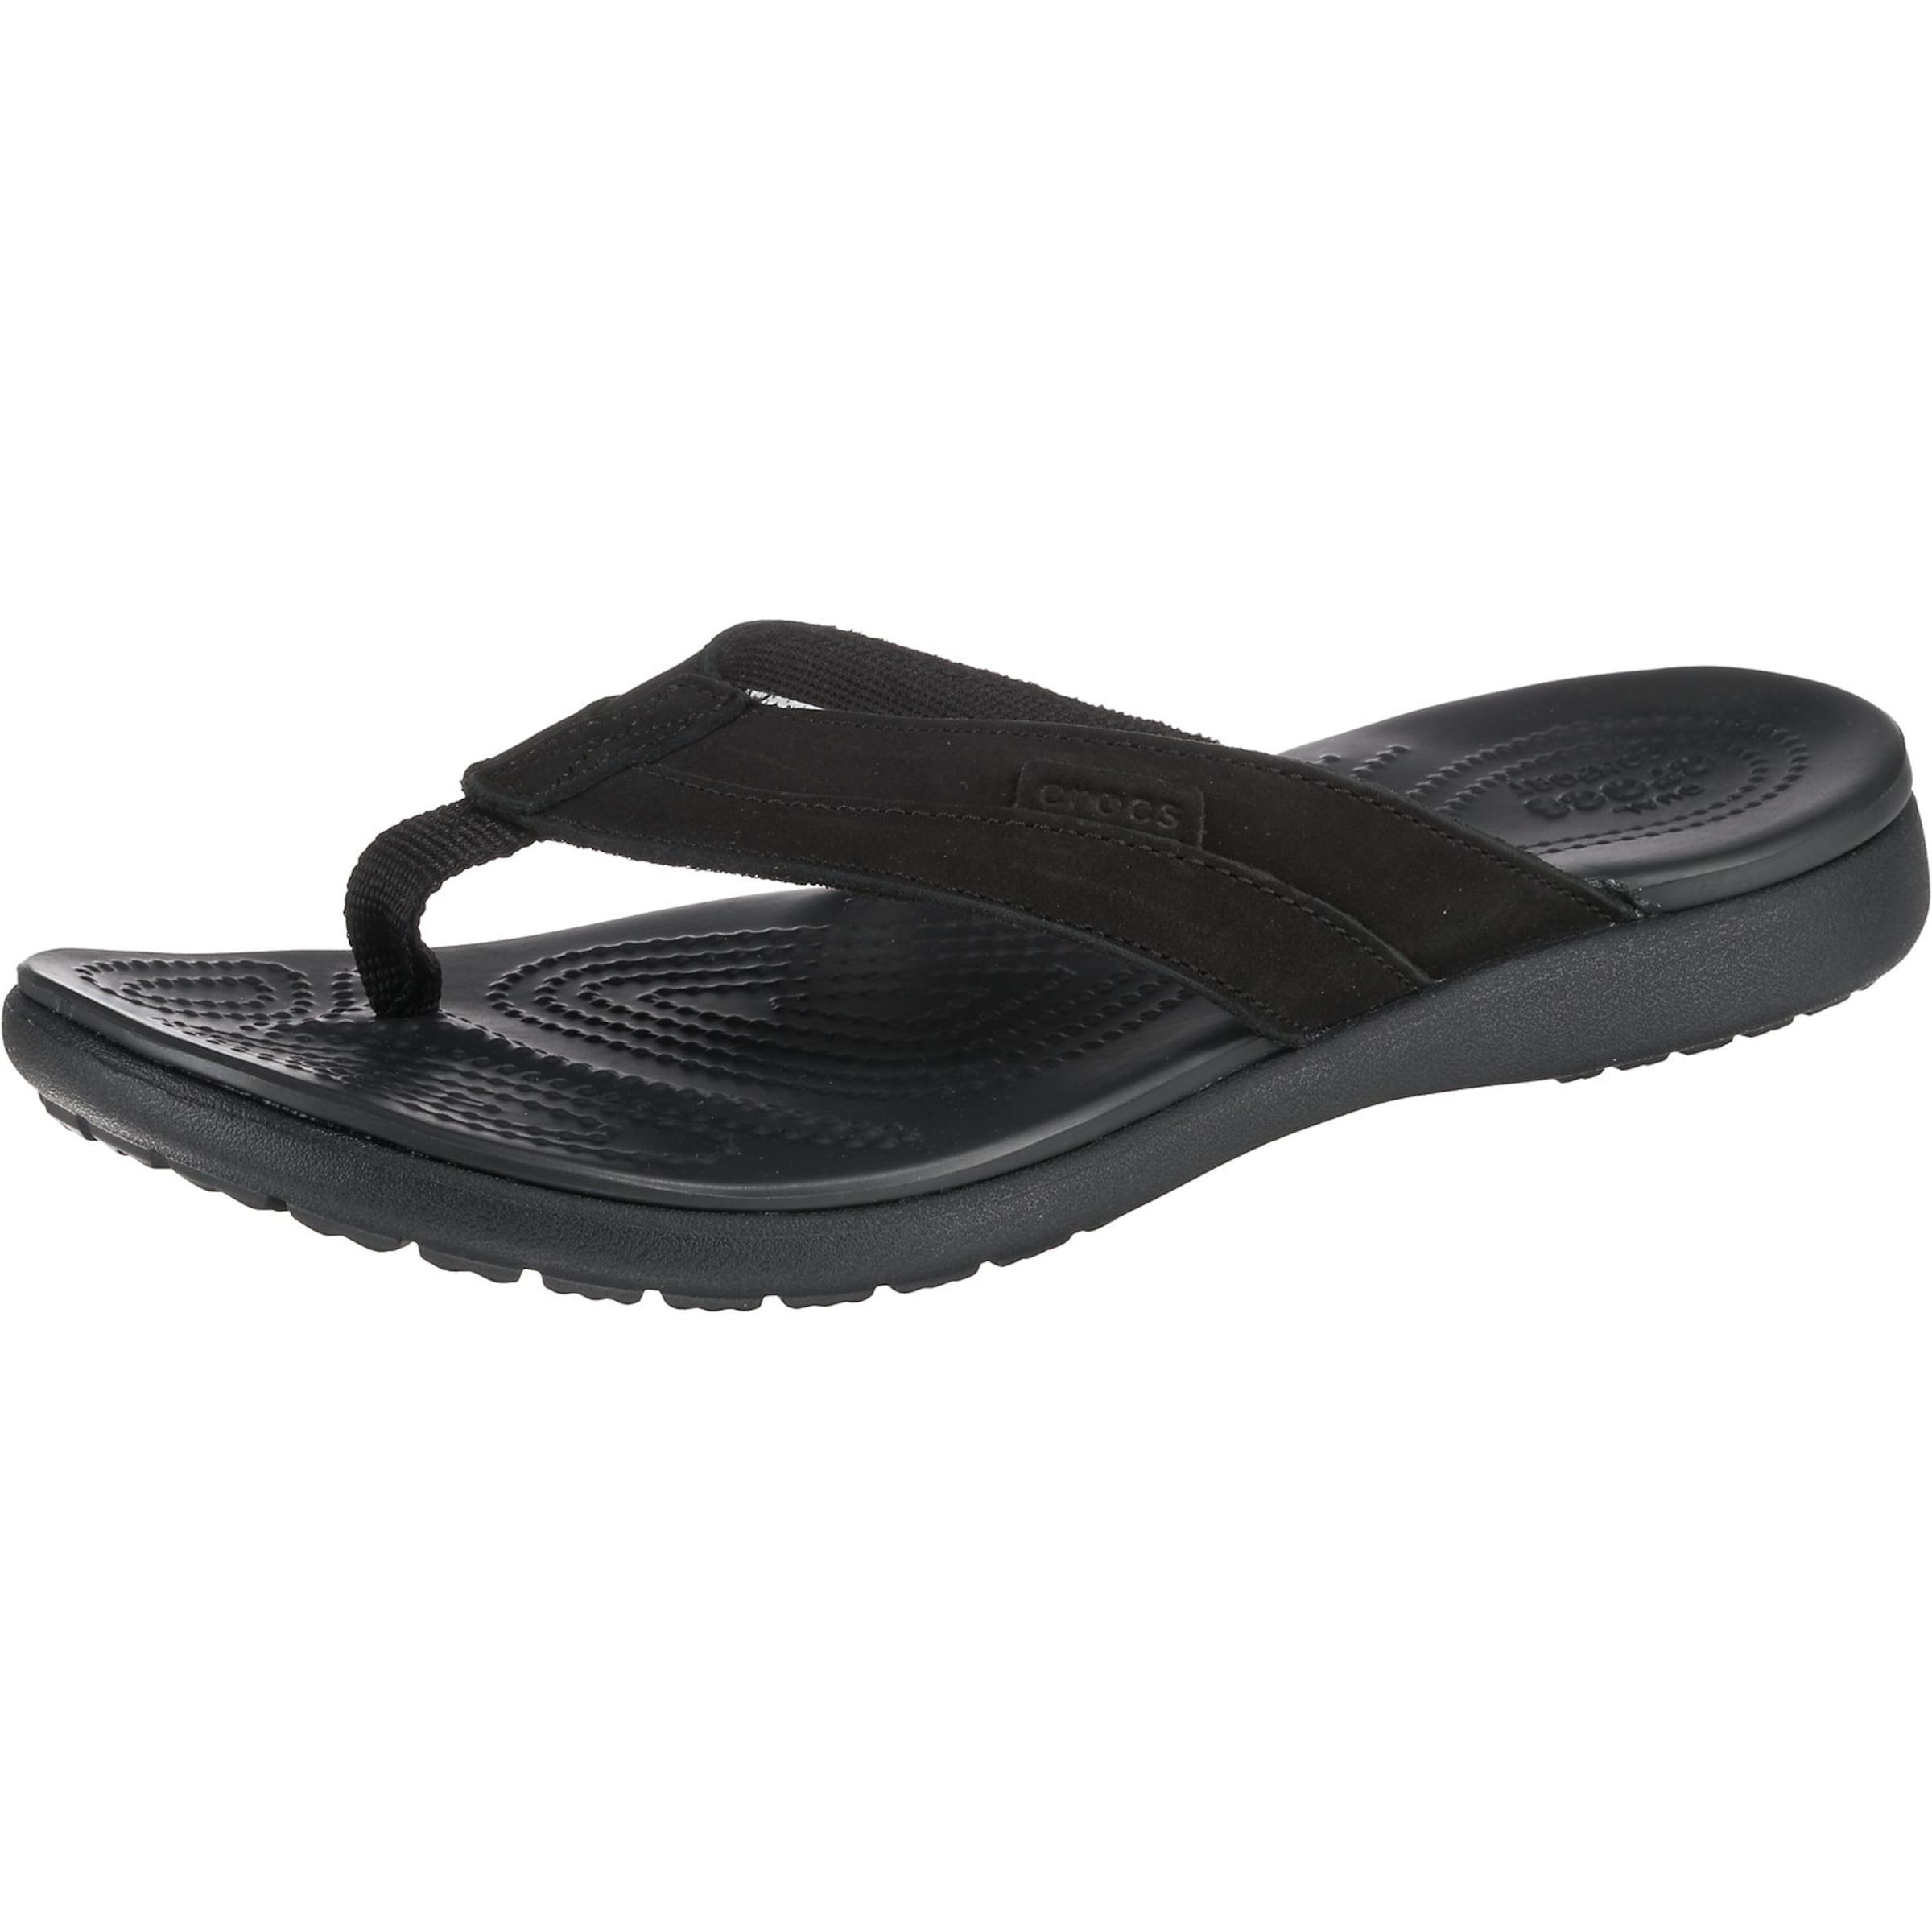 Herren Crocs Zehentrenner 'Santa Cruz Leather Flip M Esp/Esp' schwarz | 00191448313798